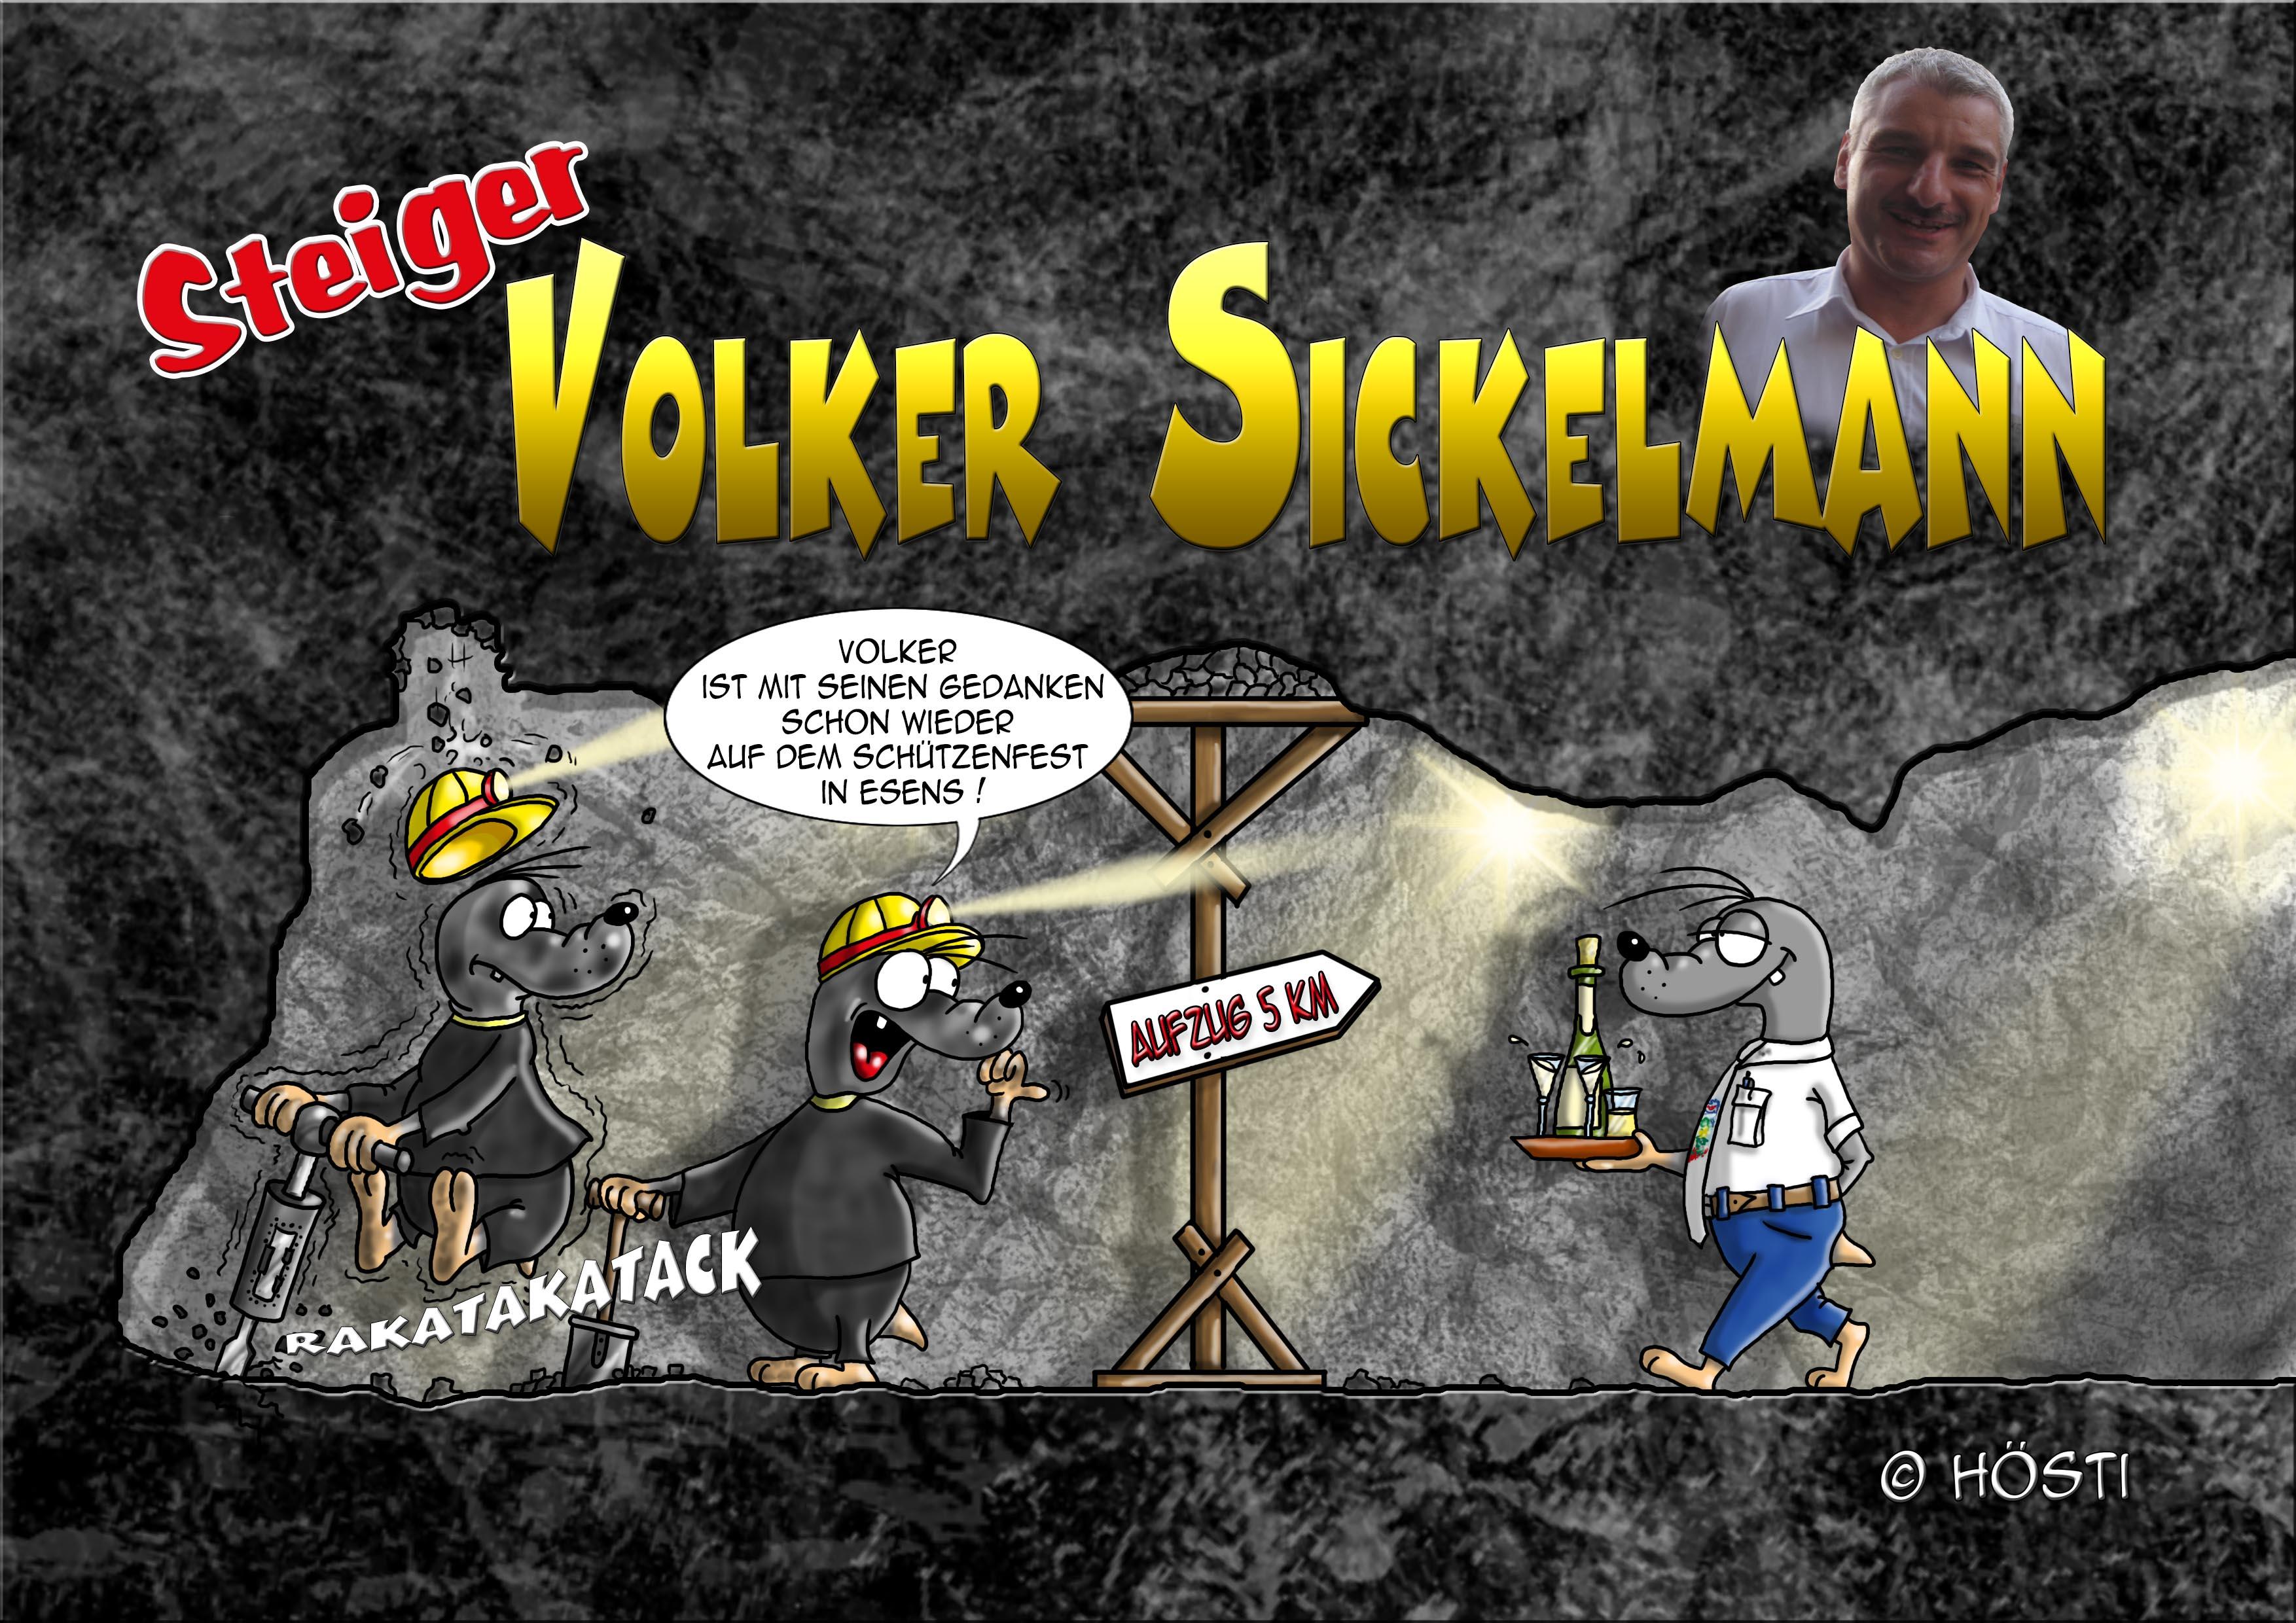 Volker Sickelmann Cartoon